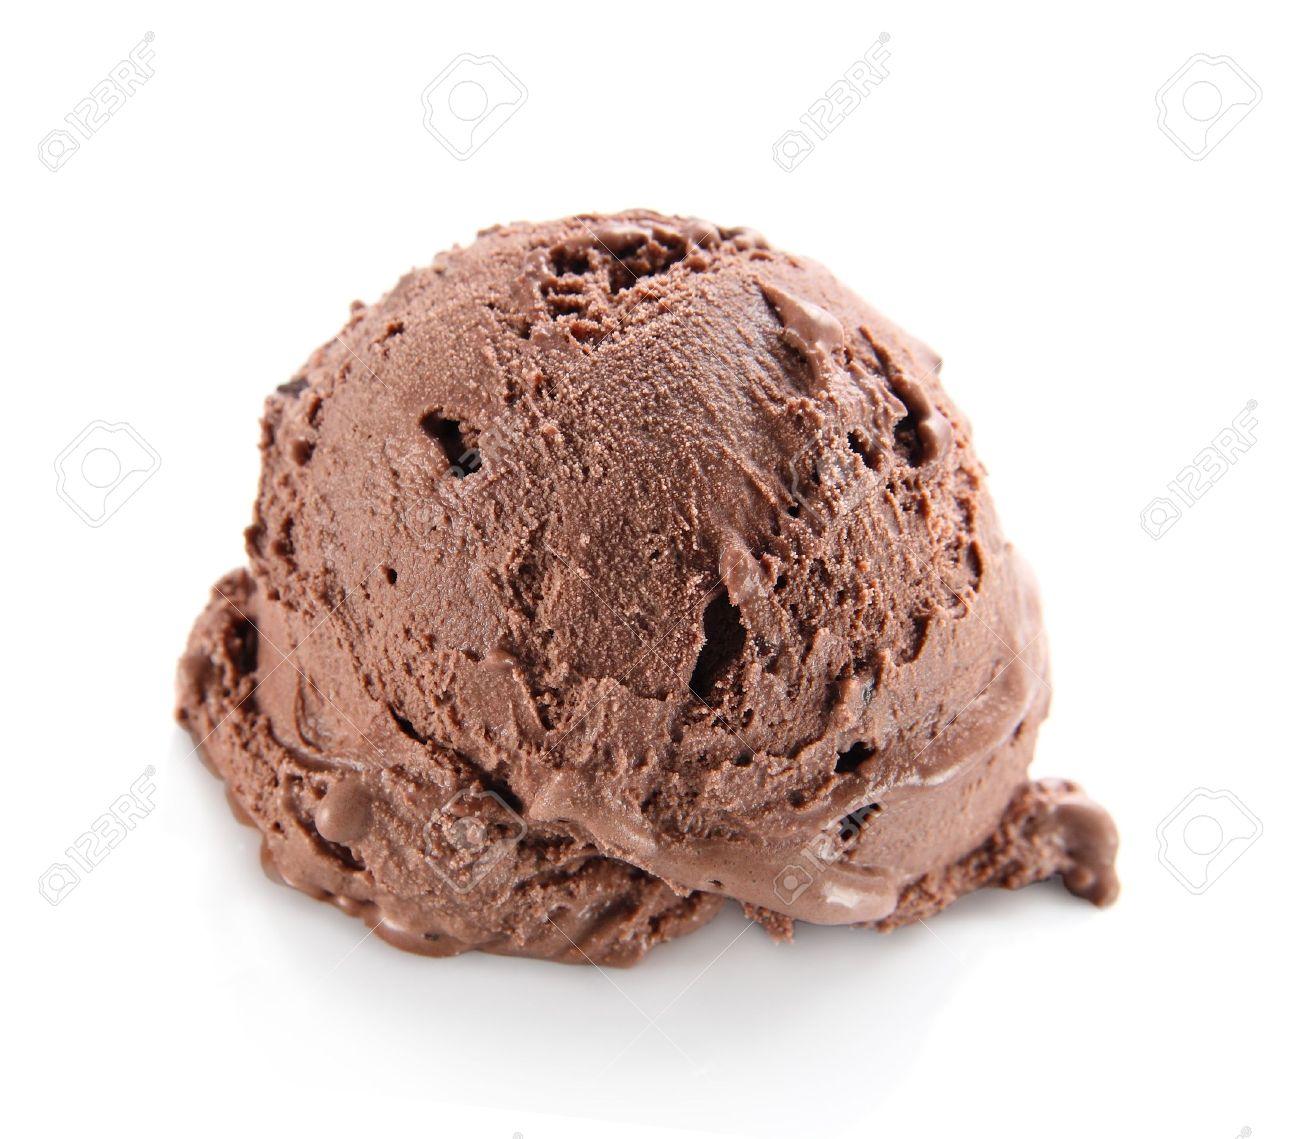 Chocolate ice cream scoop Stock Photo - 12550481